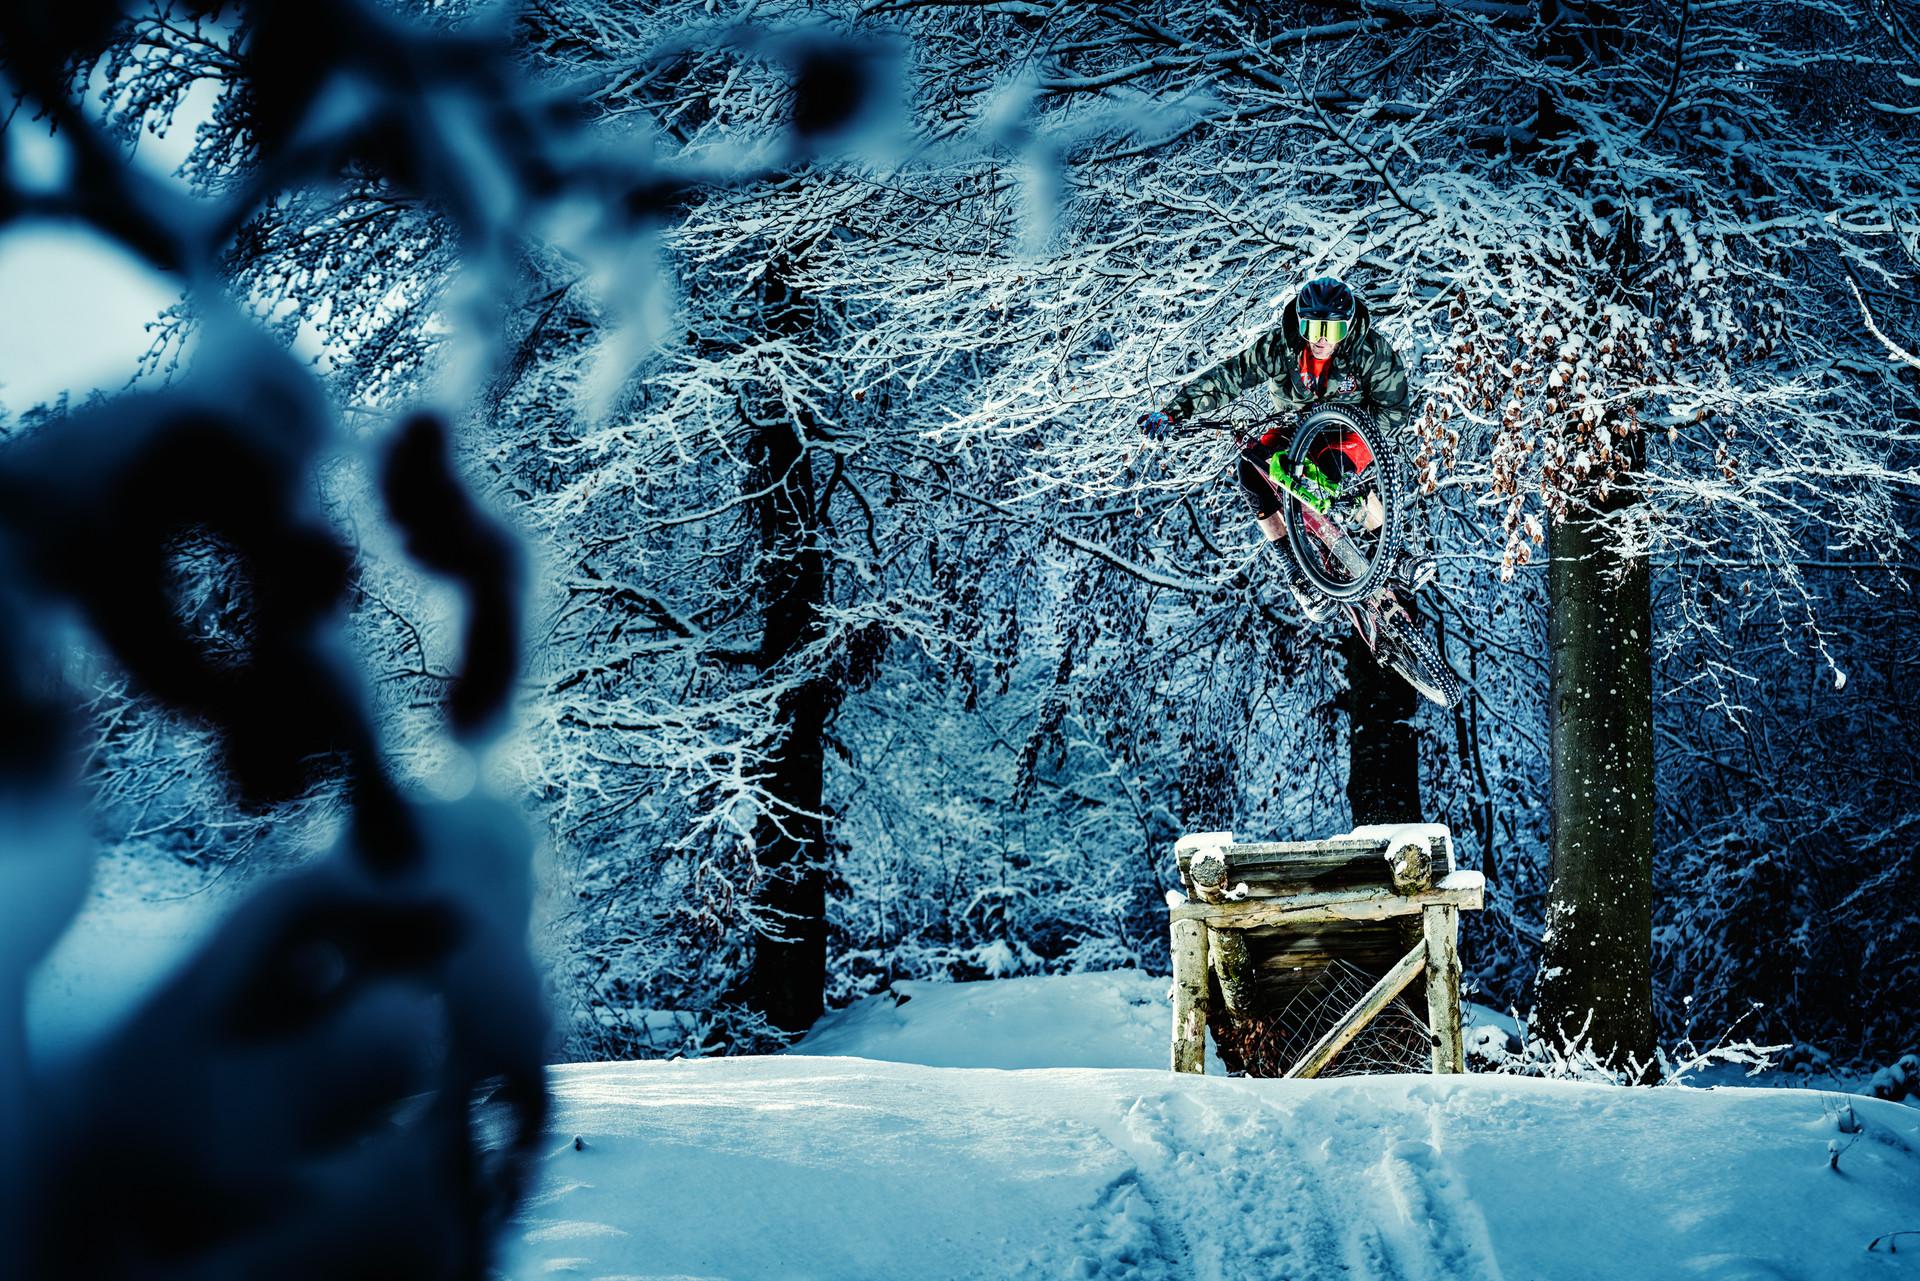 Mountainbike_Snow_01.jpg